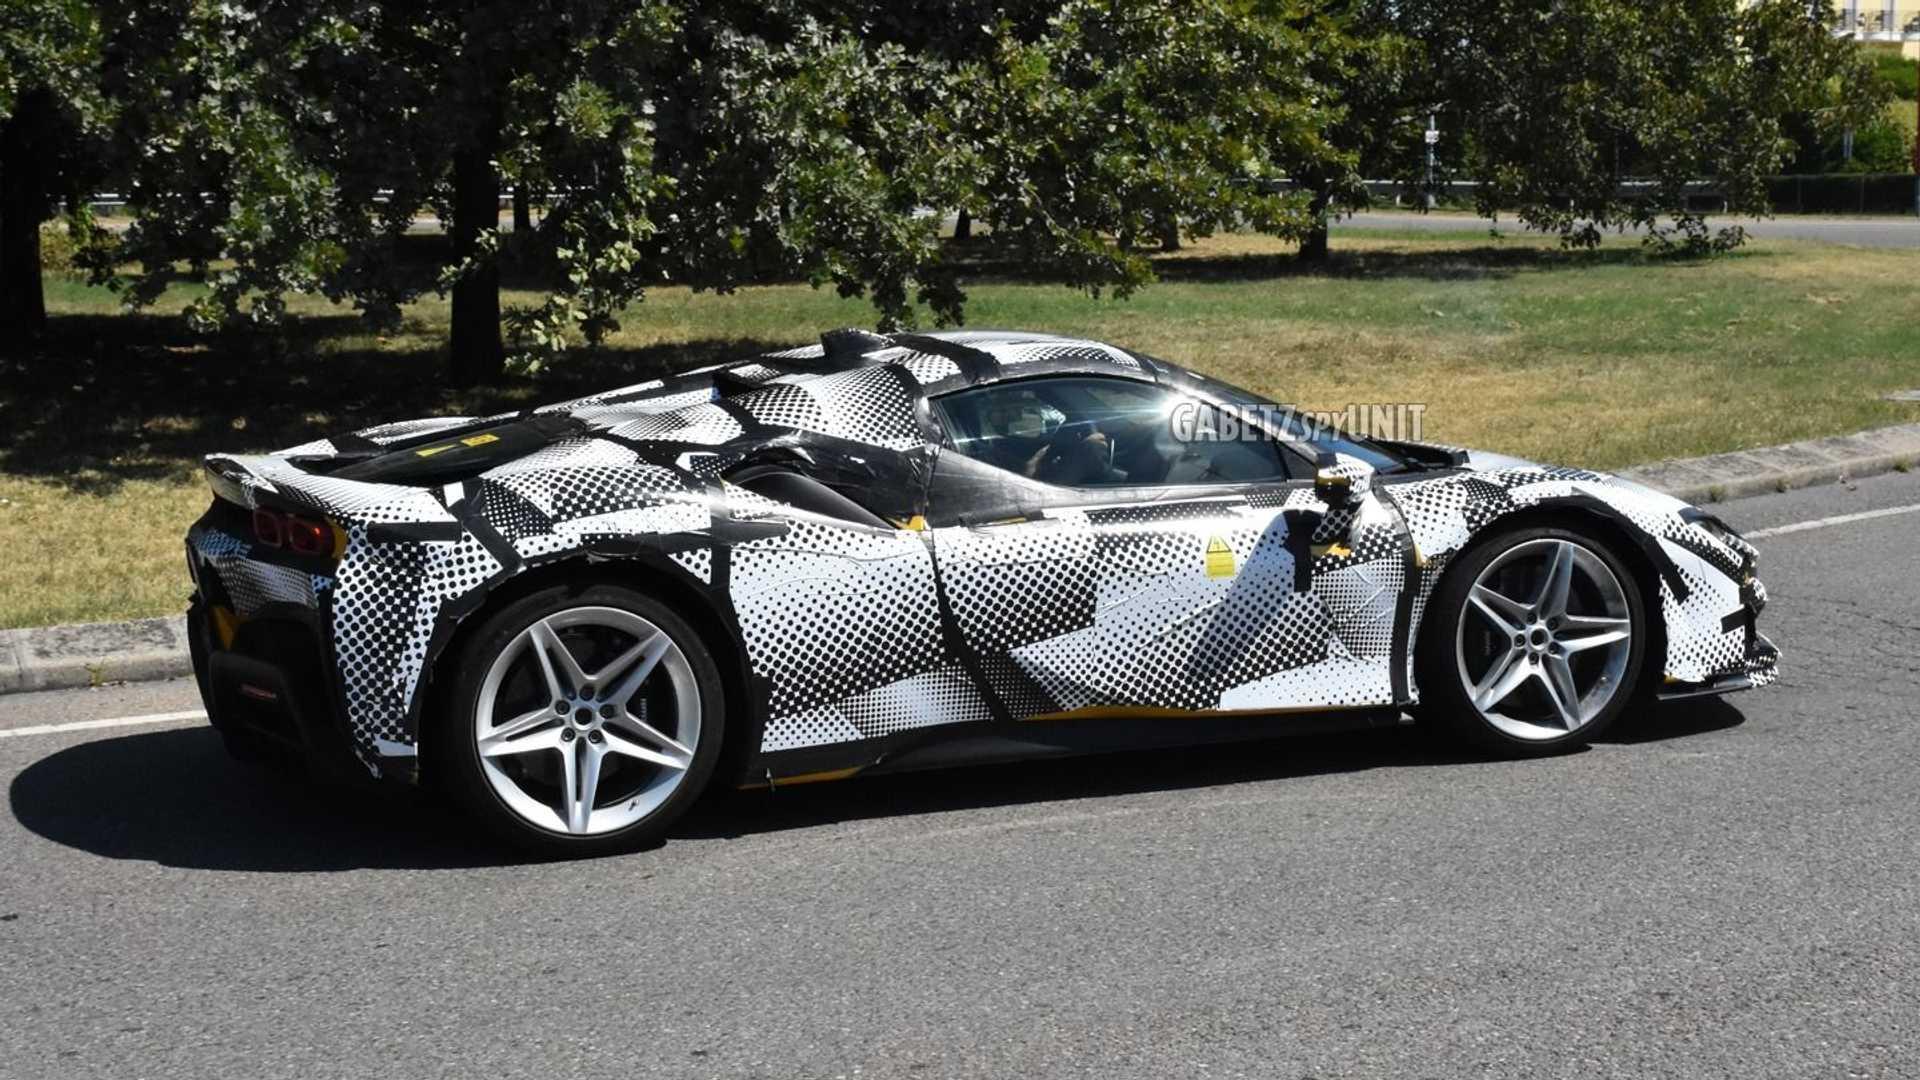 Ferrari Spider News And Reviews Motor1 Com